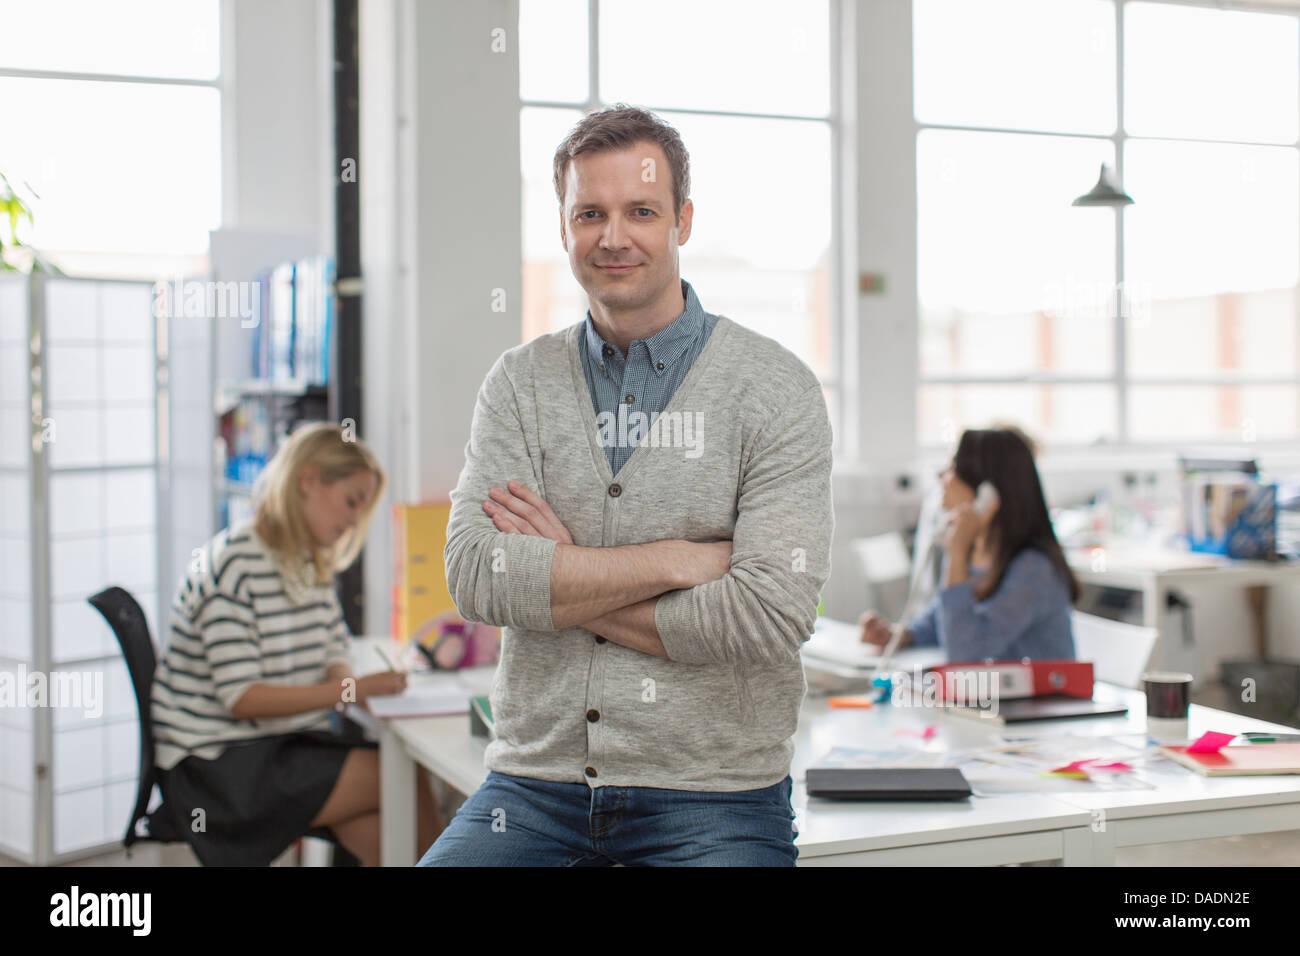 Uomo maturo seduto sulla scrivania e sorridente in ufficio creativo, ritratto Foto Stock